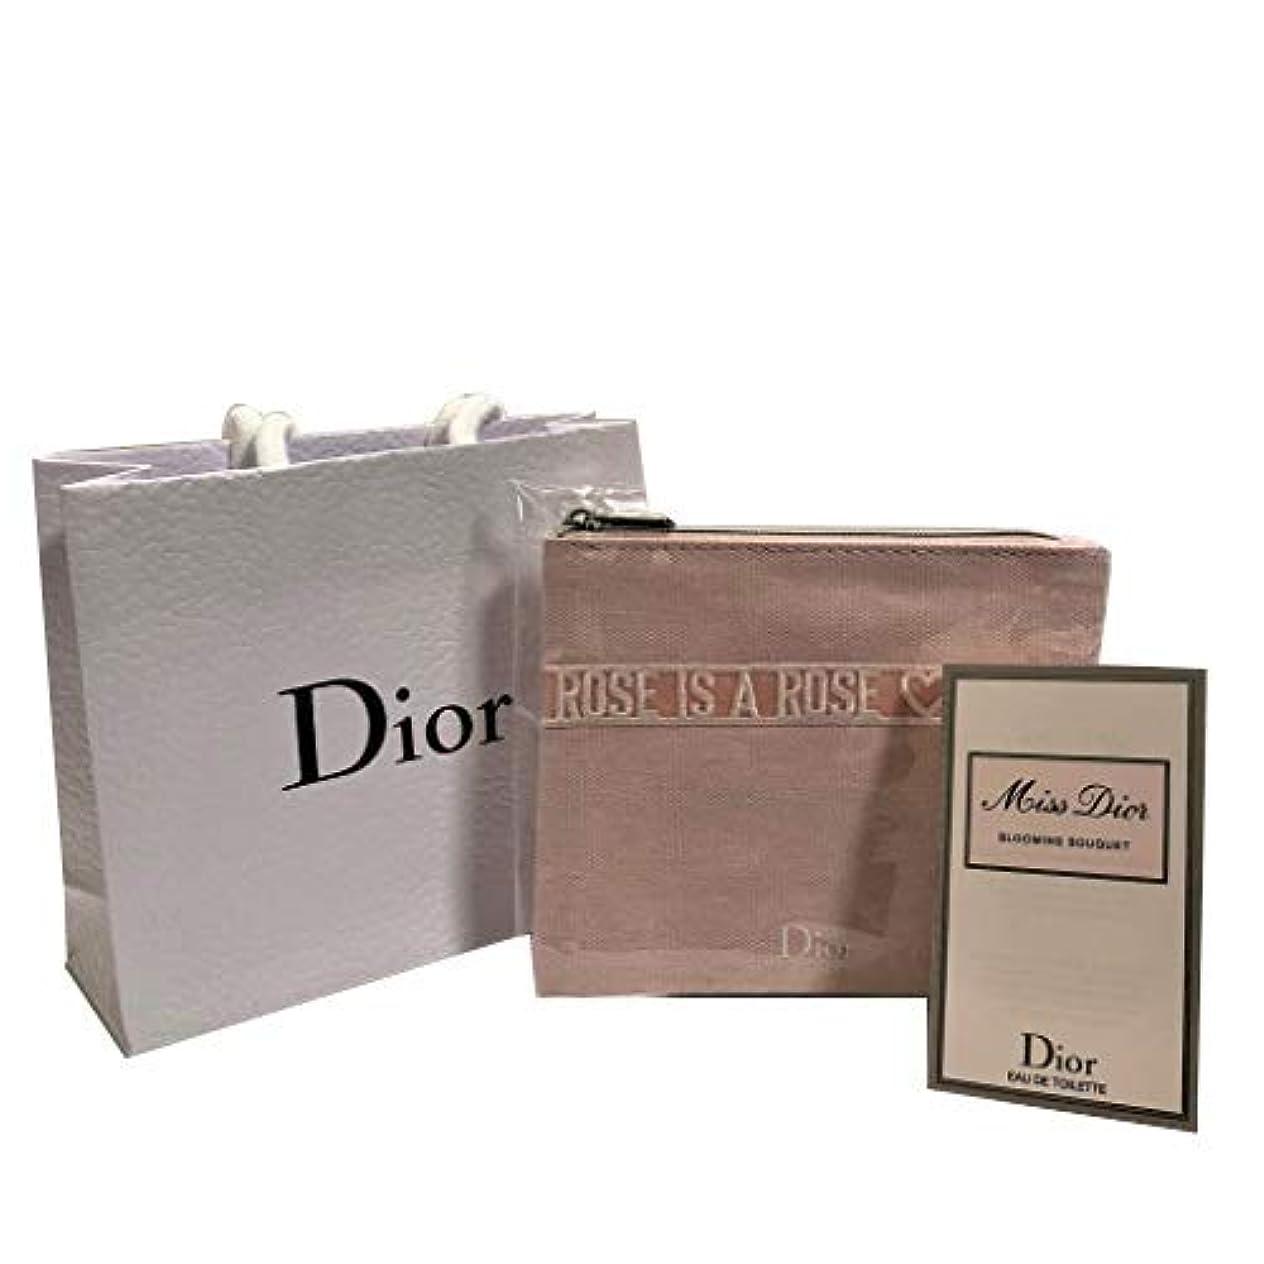 自治カウボーイトロイの木馬Dior ディオール ミニポーチセット( ミス ディオール ブルーミング ブーケ EDT SP 1ml)